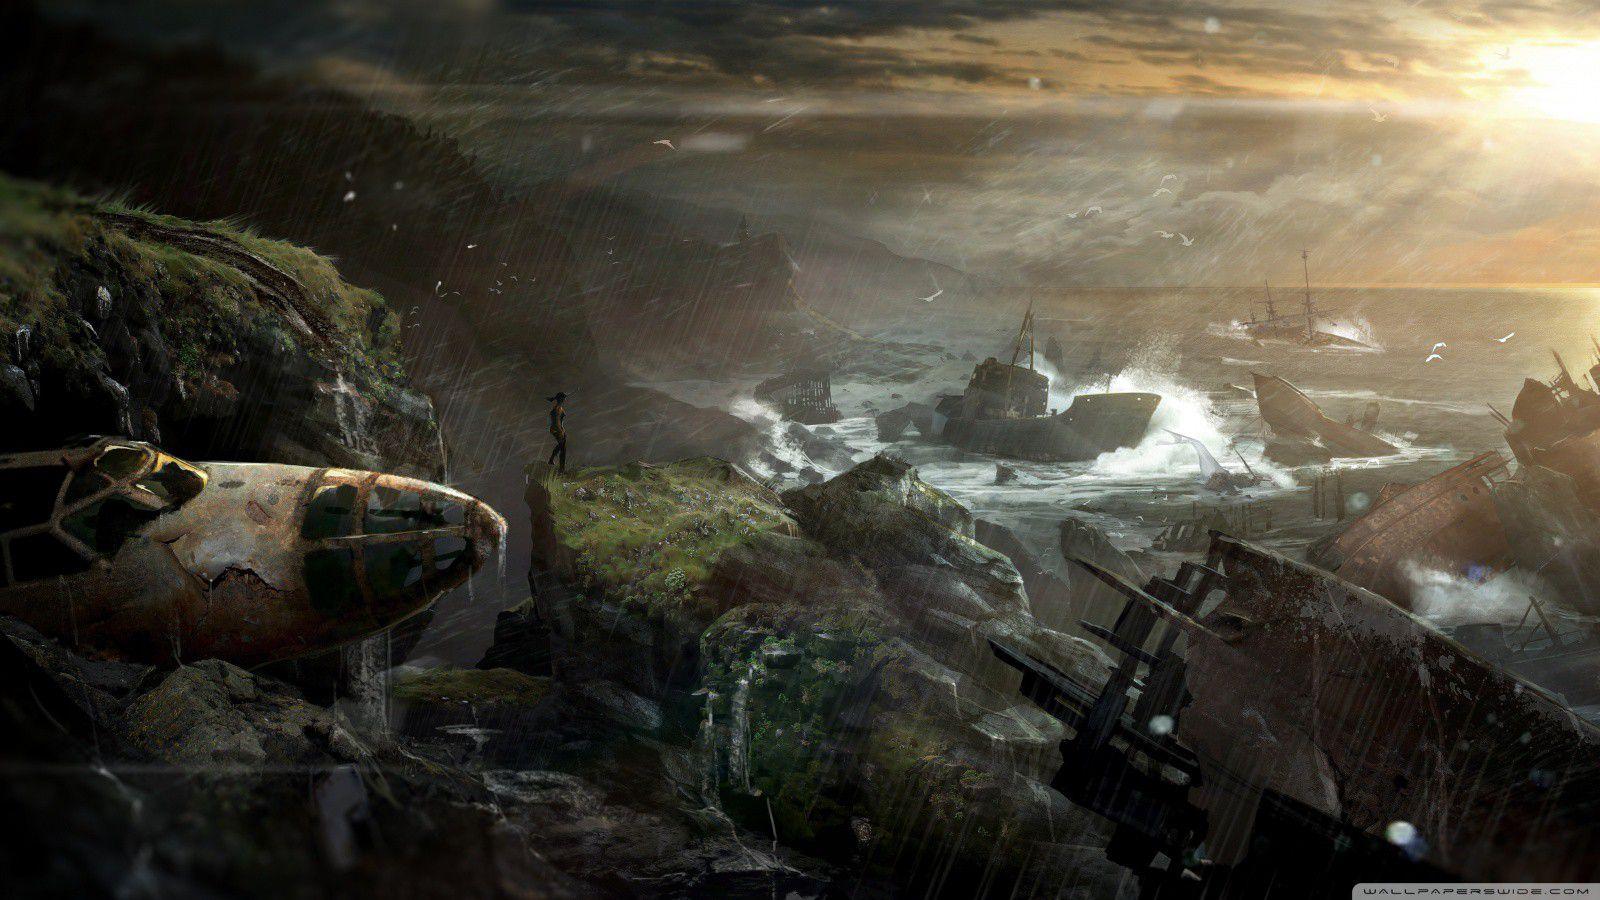 """Cùng bom tấn """"Tomb Raider"""" tìm kiếm tàn tích của đế chế """"Atlantis Châu Á"""" (5)"""